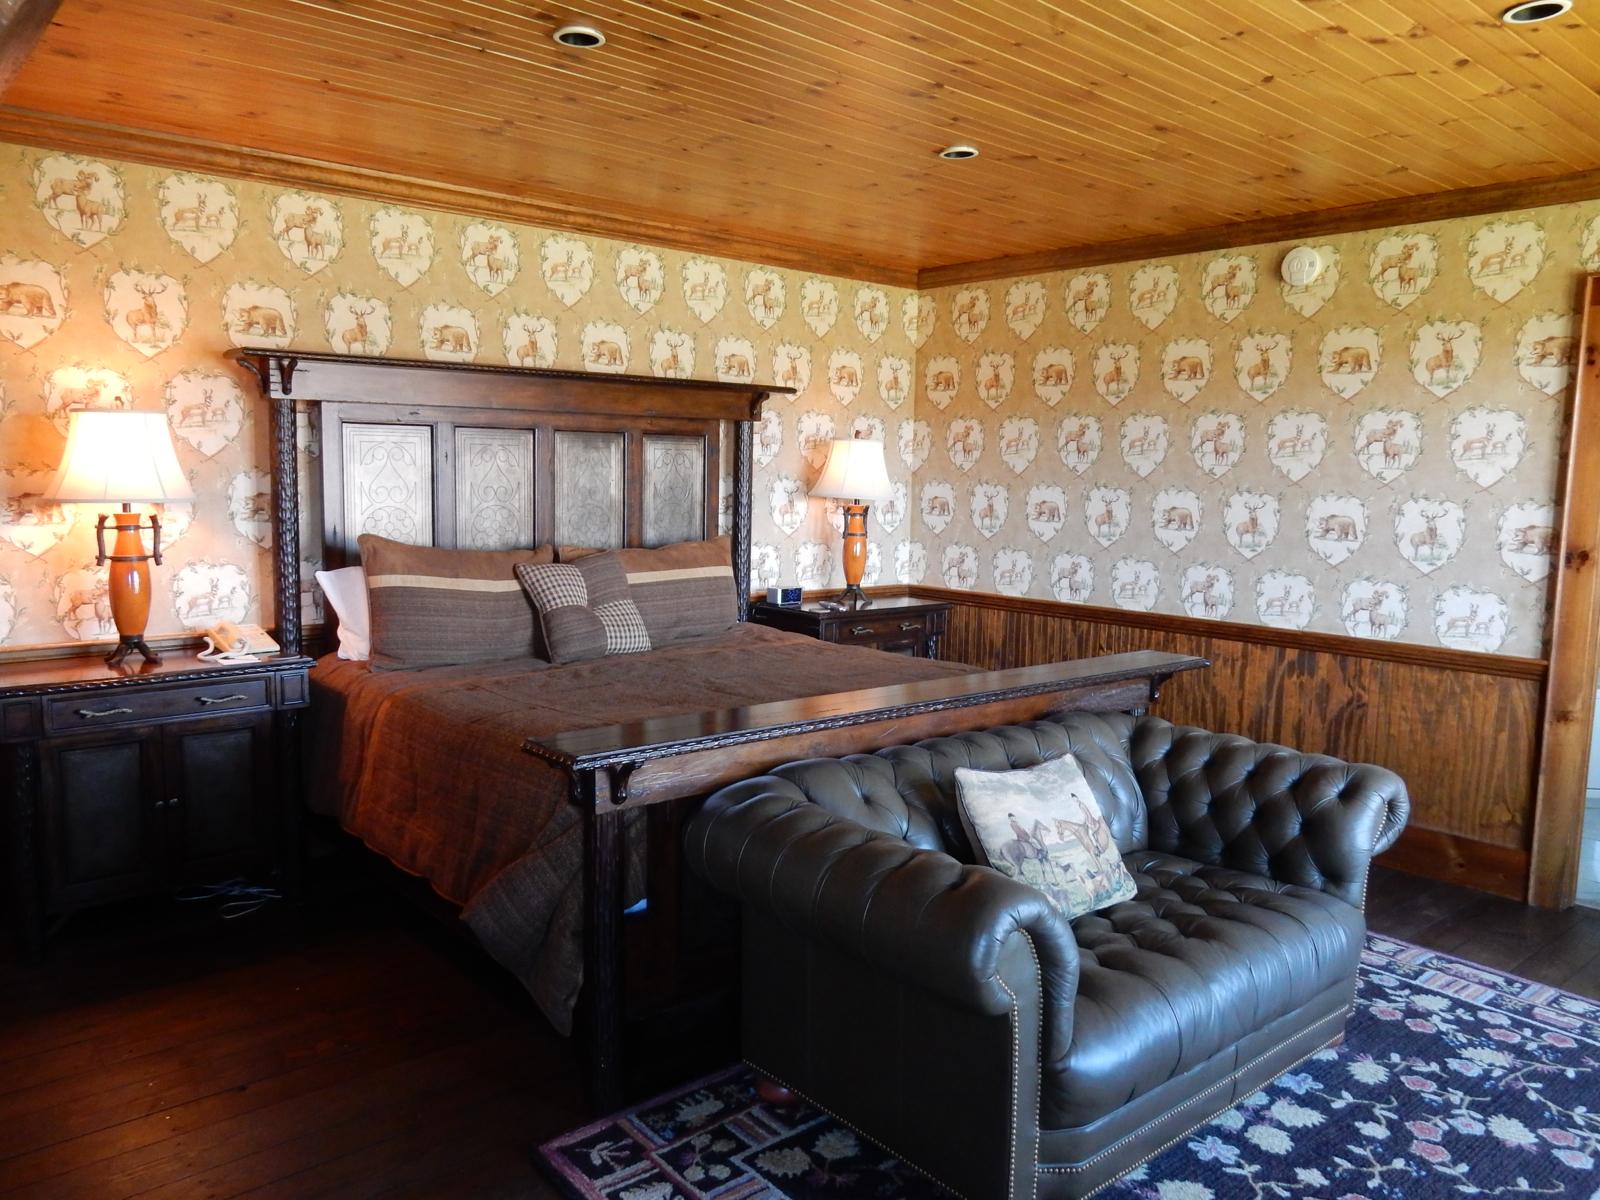 Room At Mountain Top Resort Chittenden VT